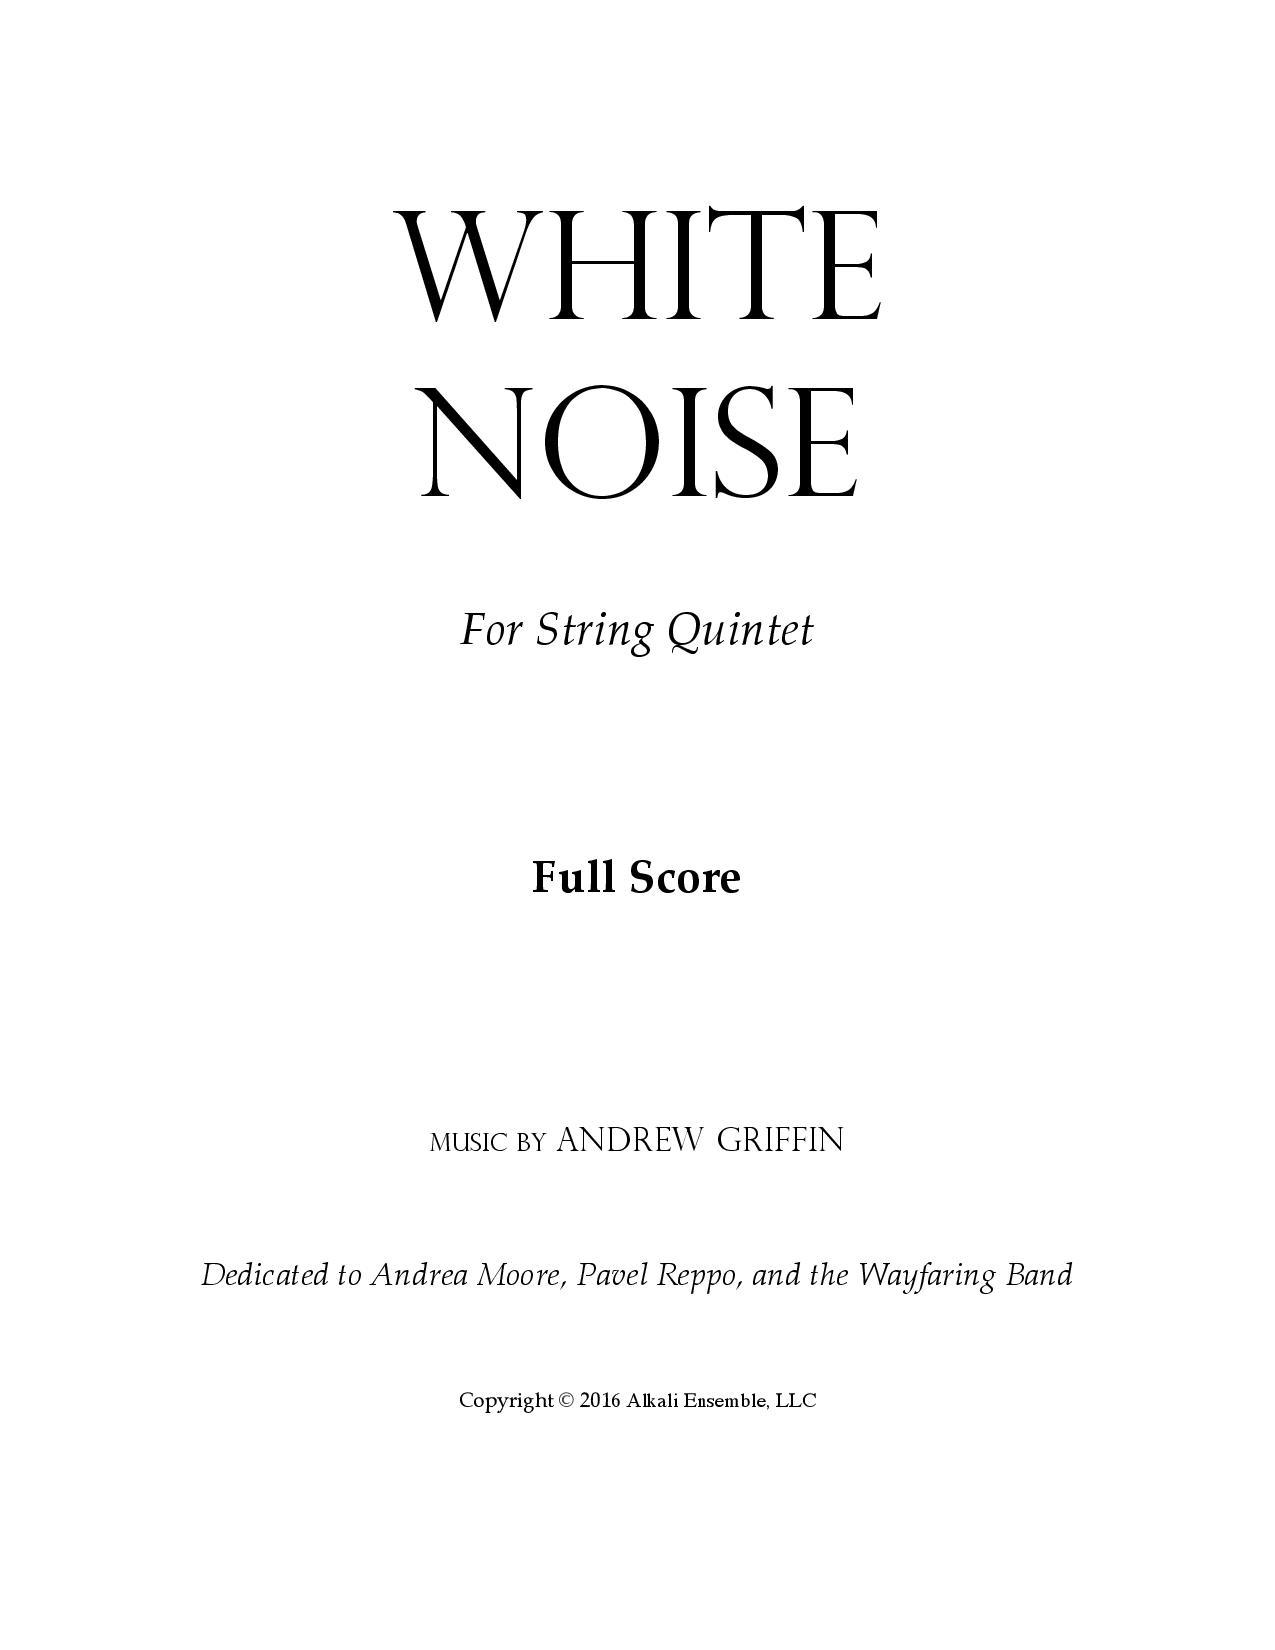 White Noise - Full Score-page-001.jpg